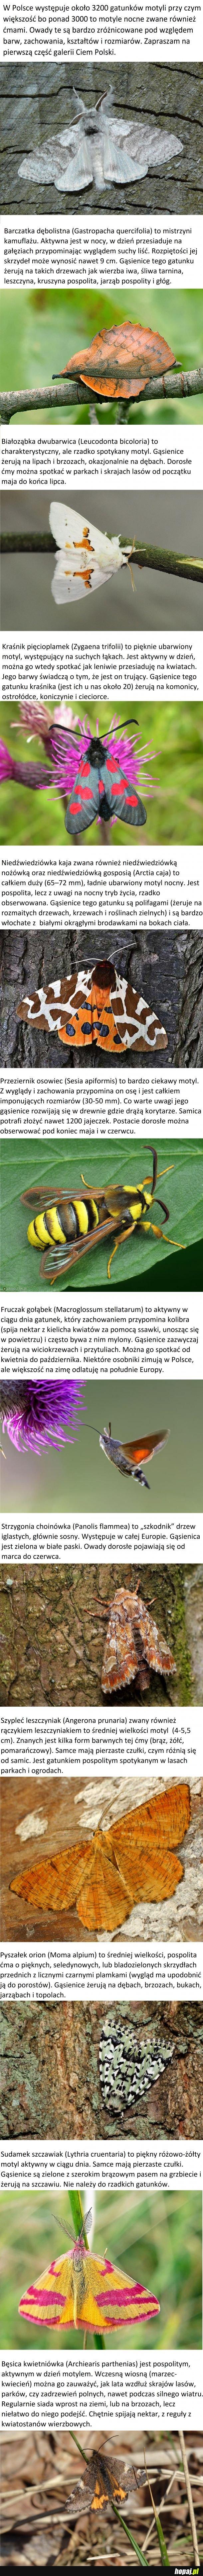 Ćmy Polski2